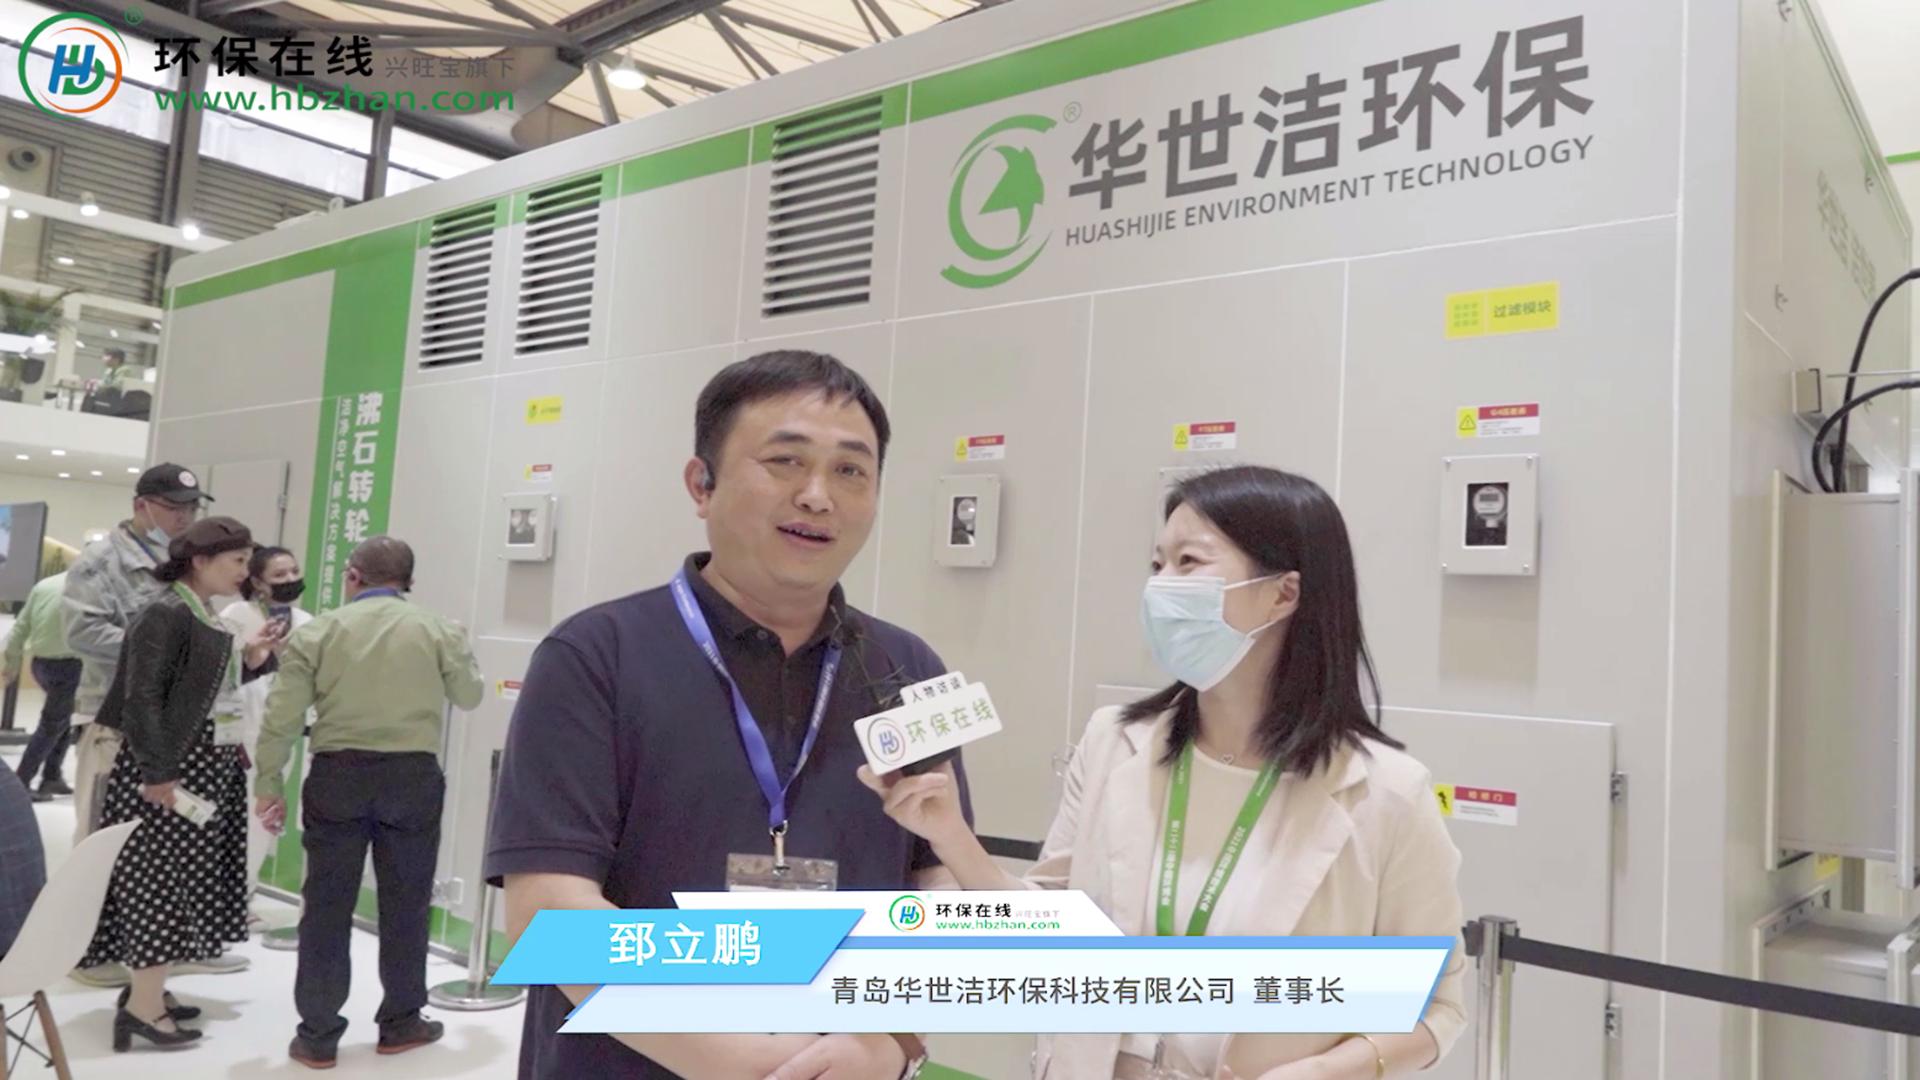 专访:青岛华世洁环保科技有限公司董事长郅立鹏